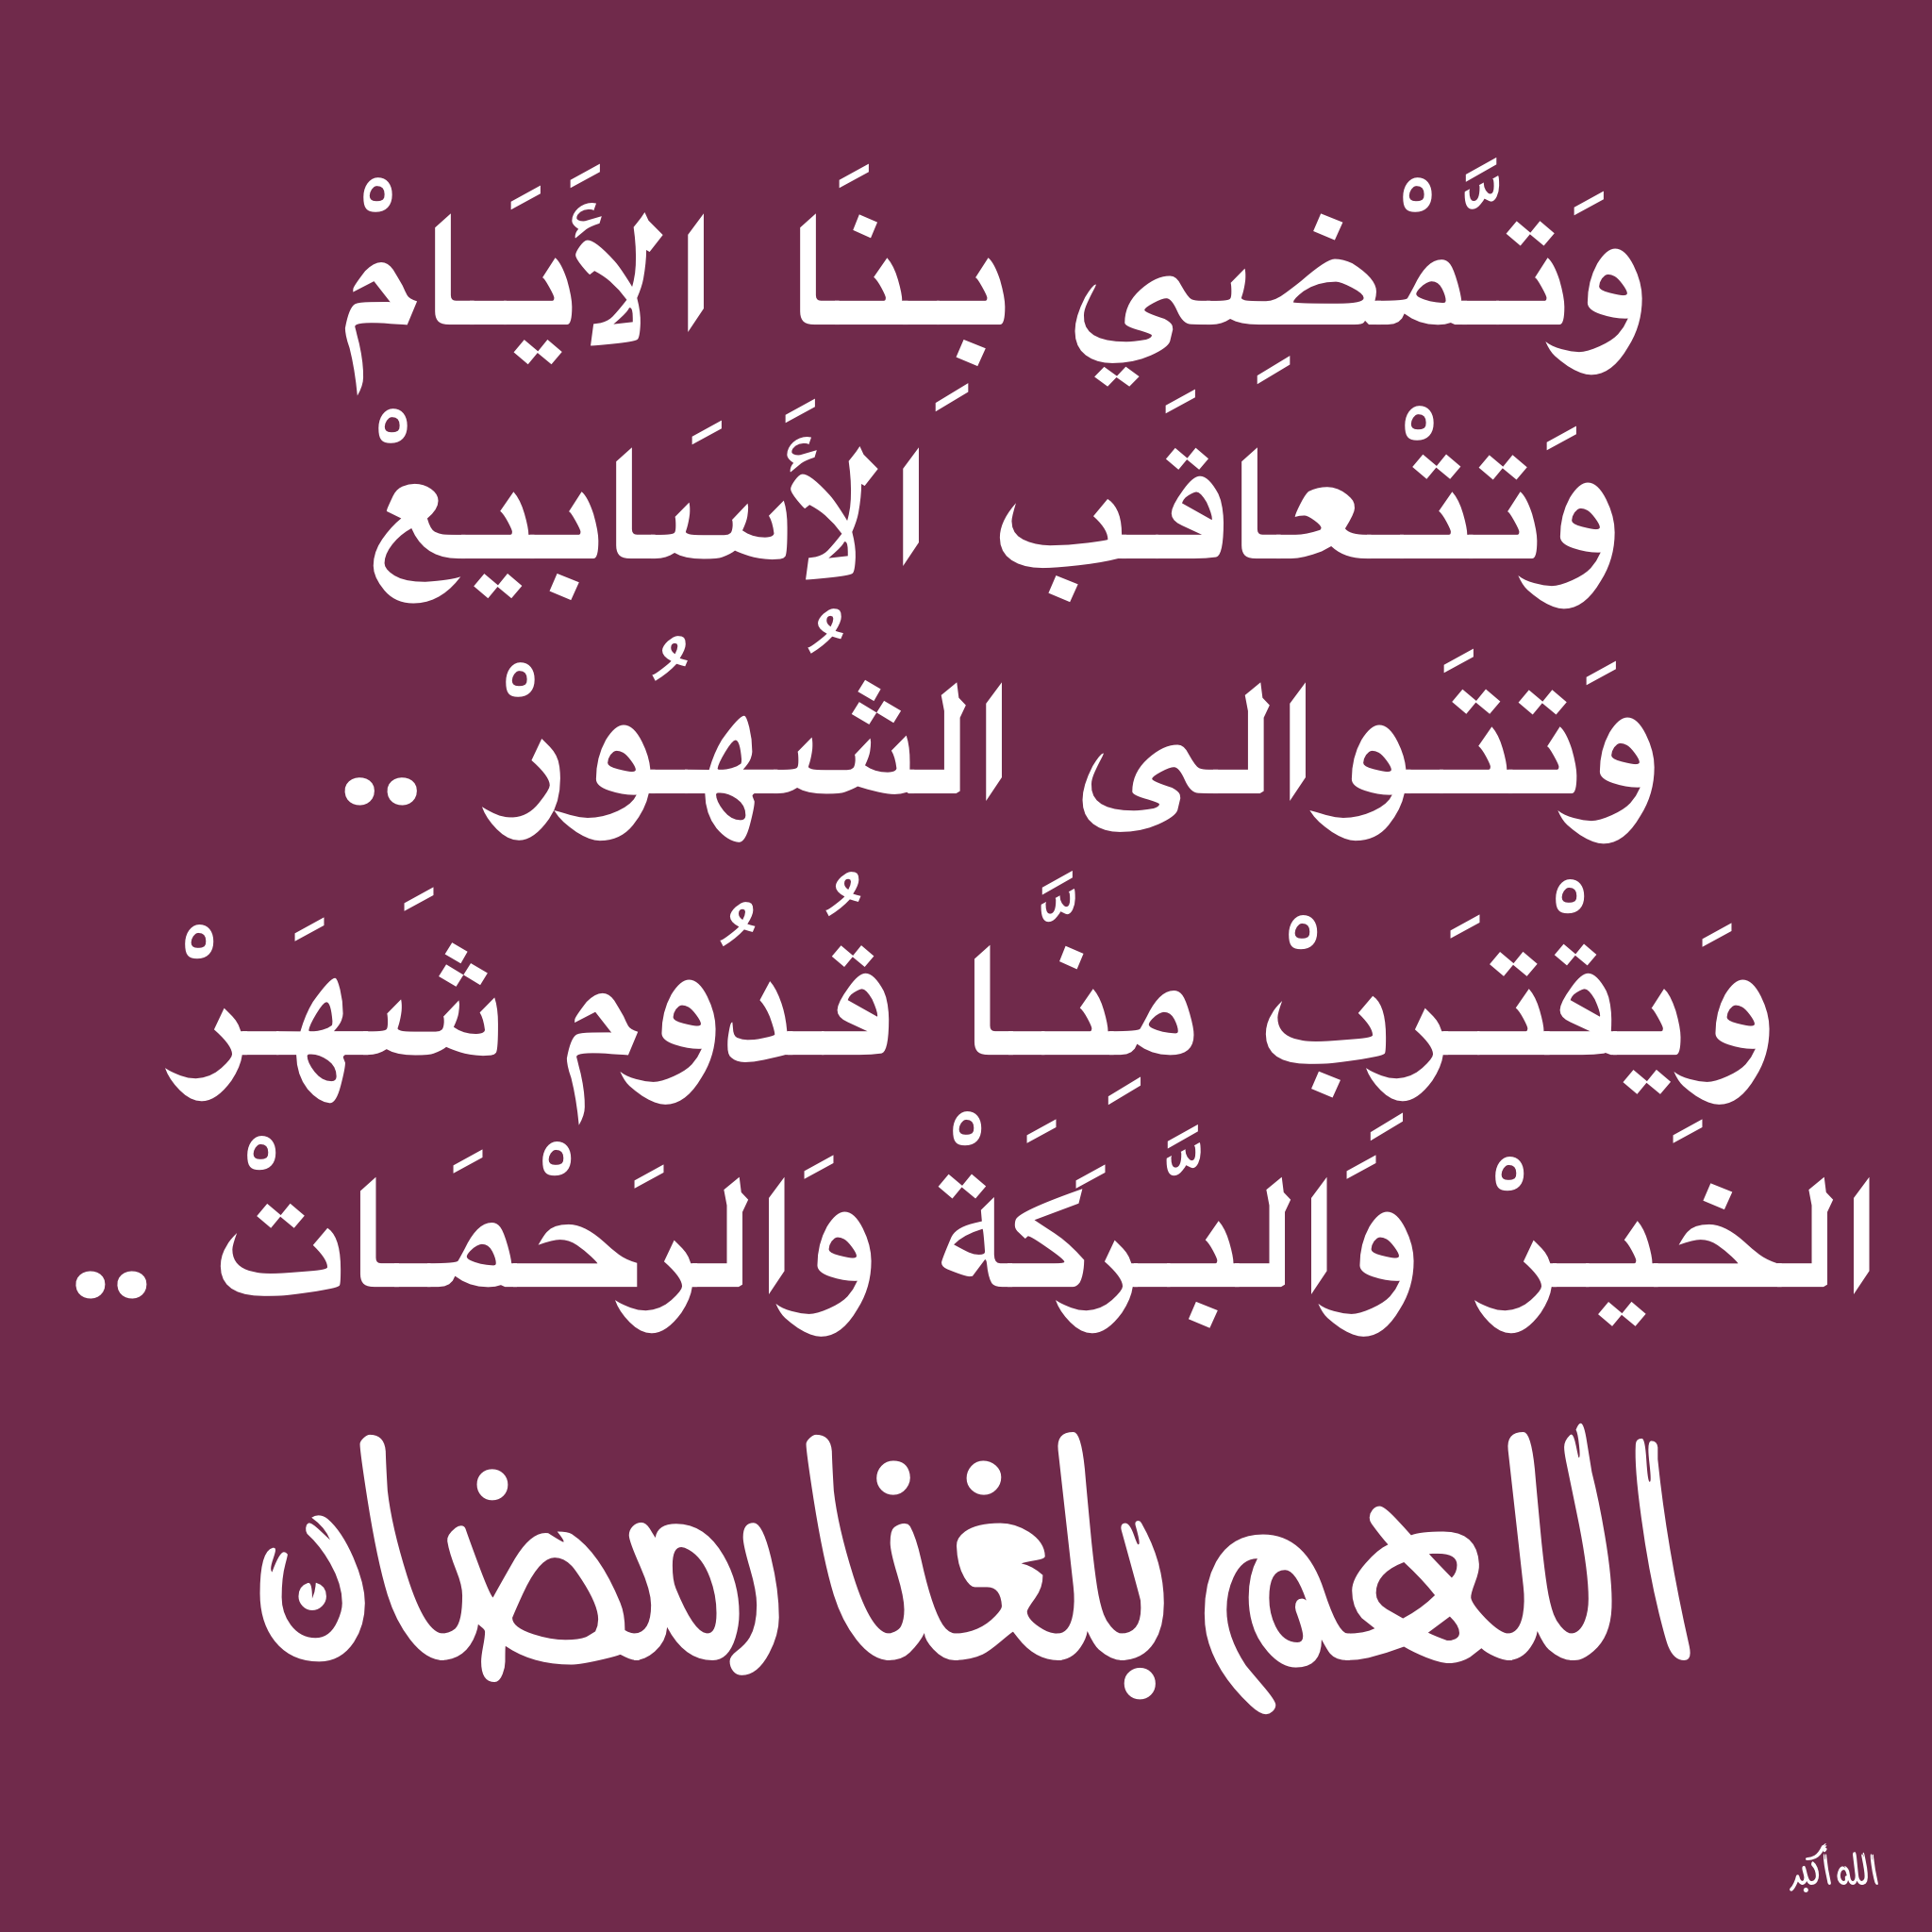 أدعيةإسلاميه أذكار دعاء صورإسلامية الله الله اكبر استغفر الله مسلم قرأن رمضان Ramadan Arabic Calligraphy Islam